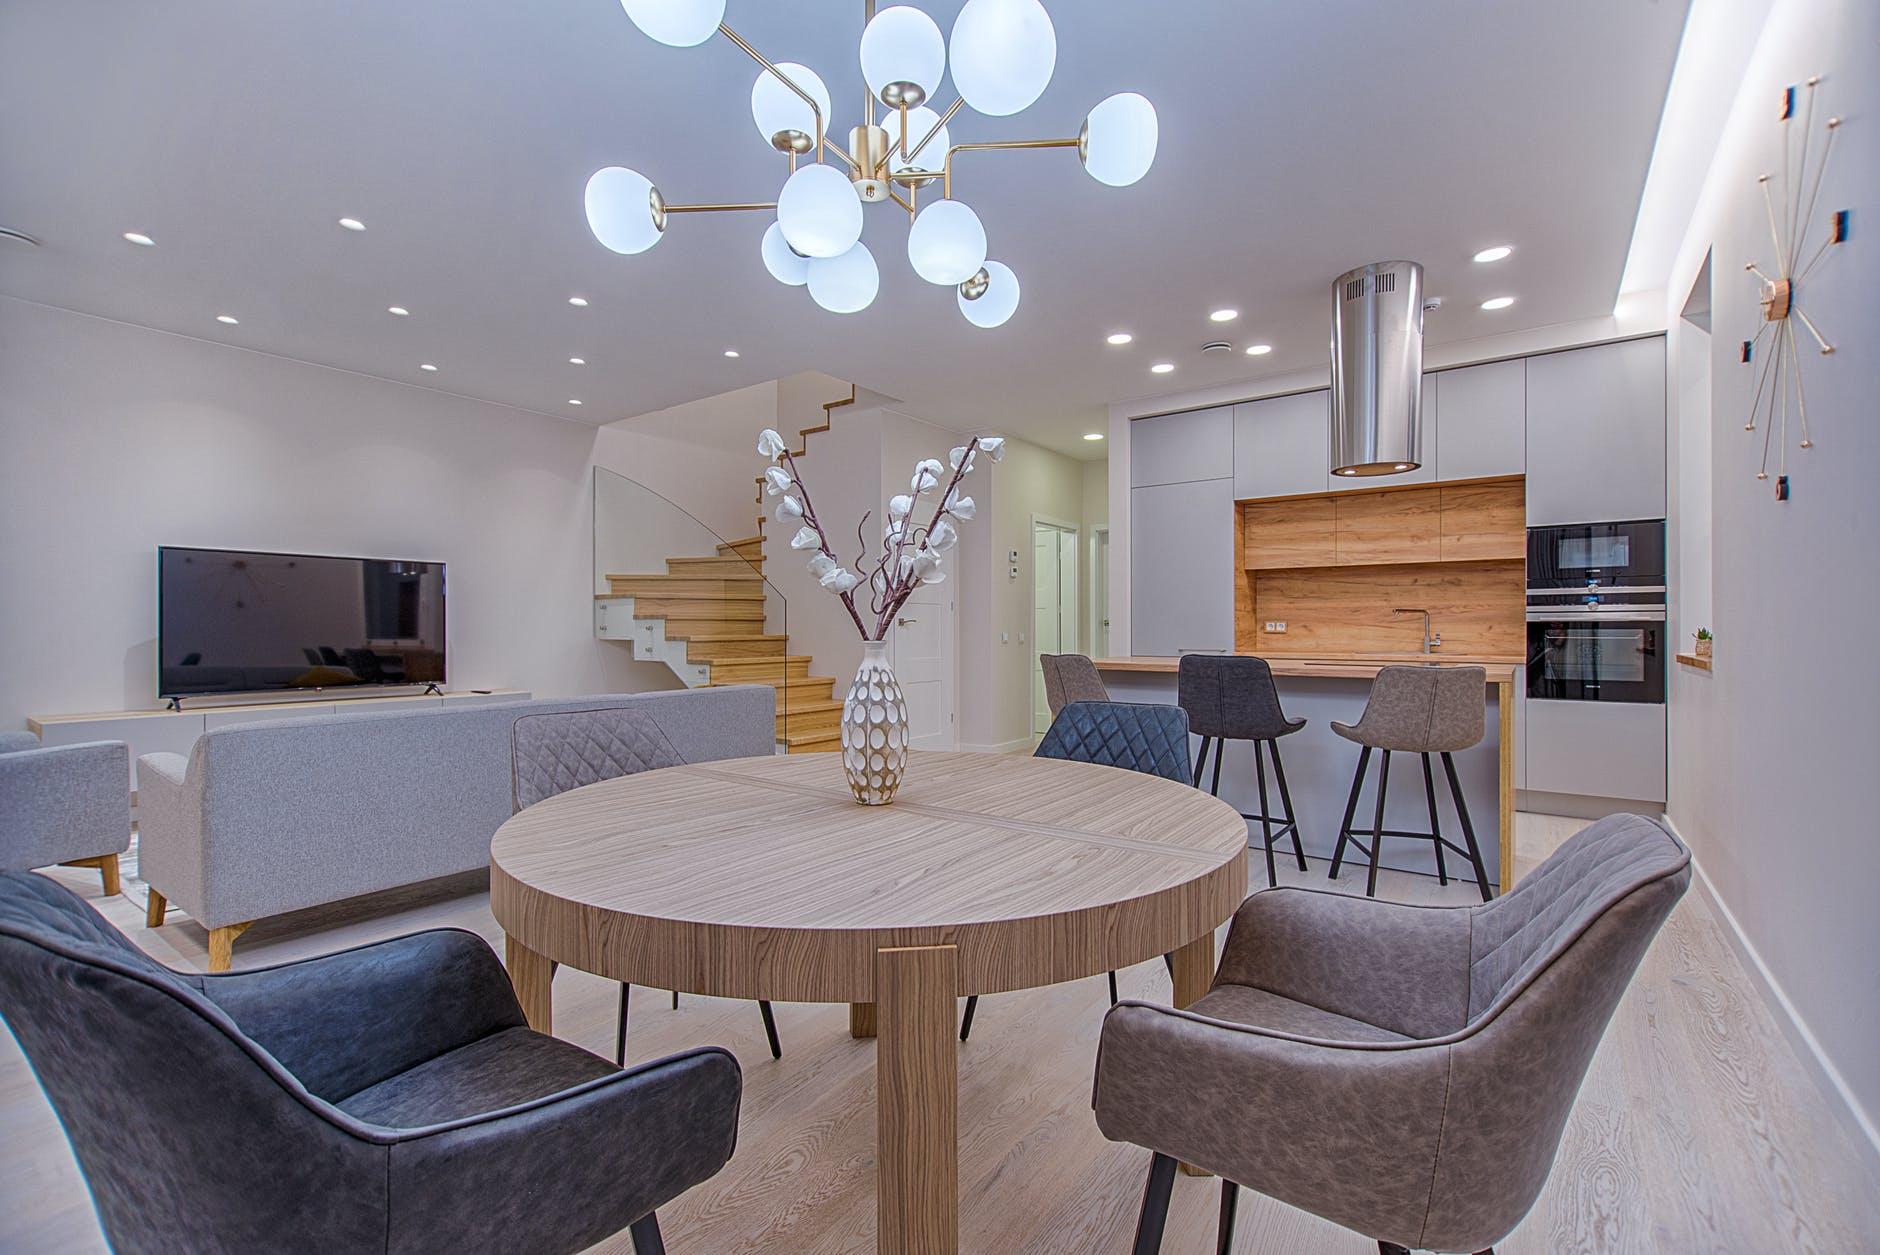 Eclairage maison luminaires spots